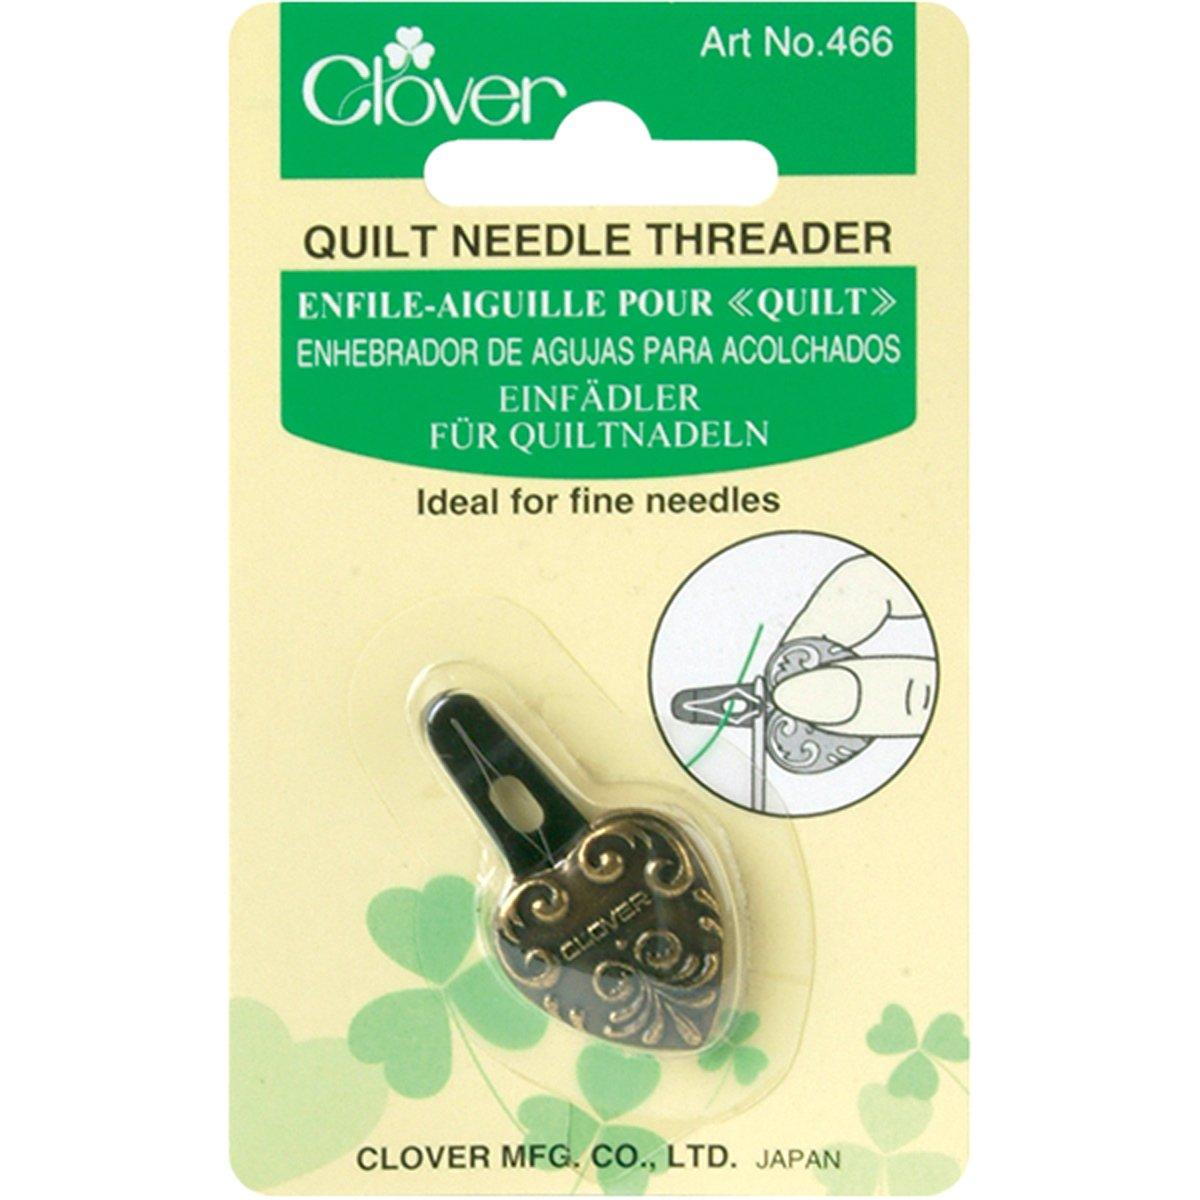 Clover Quilt Needle Threader 466